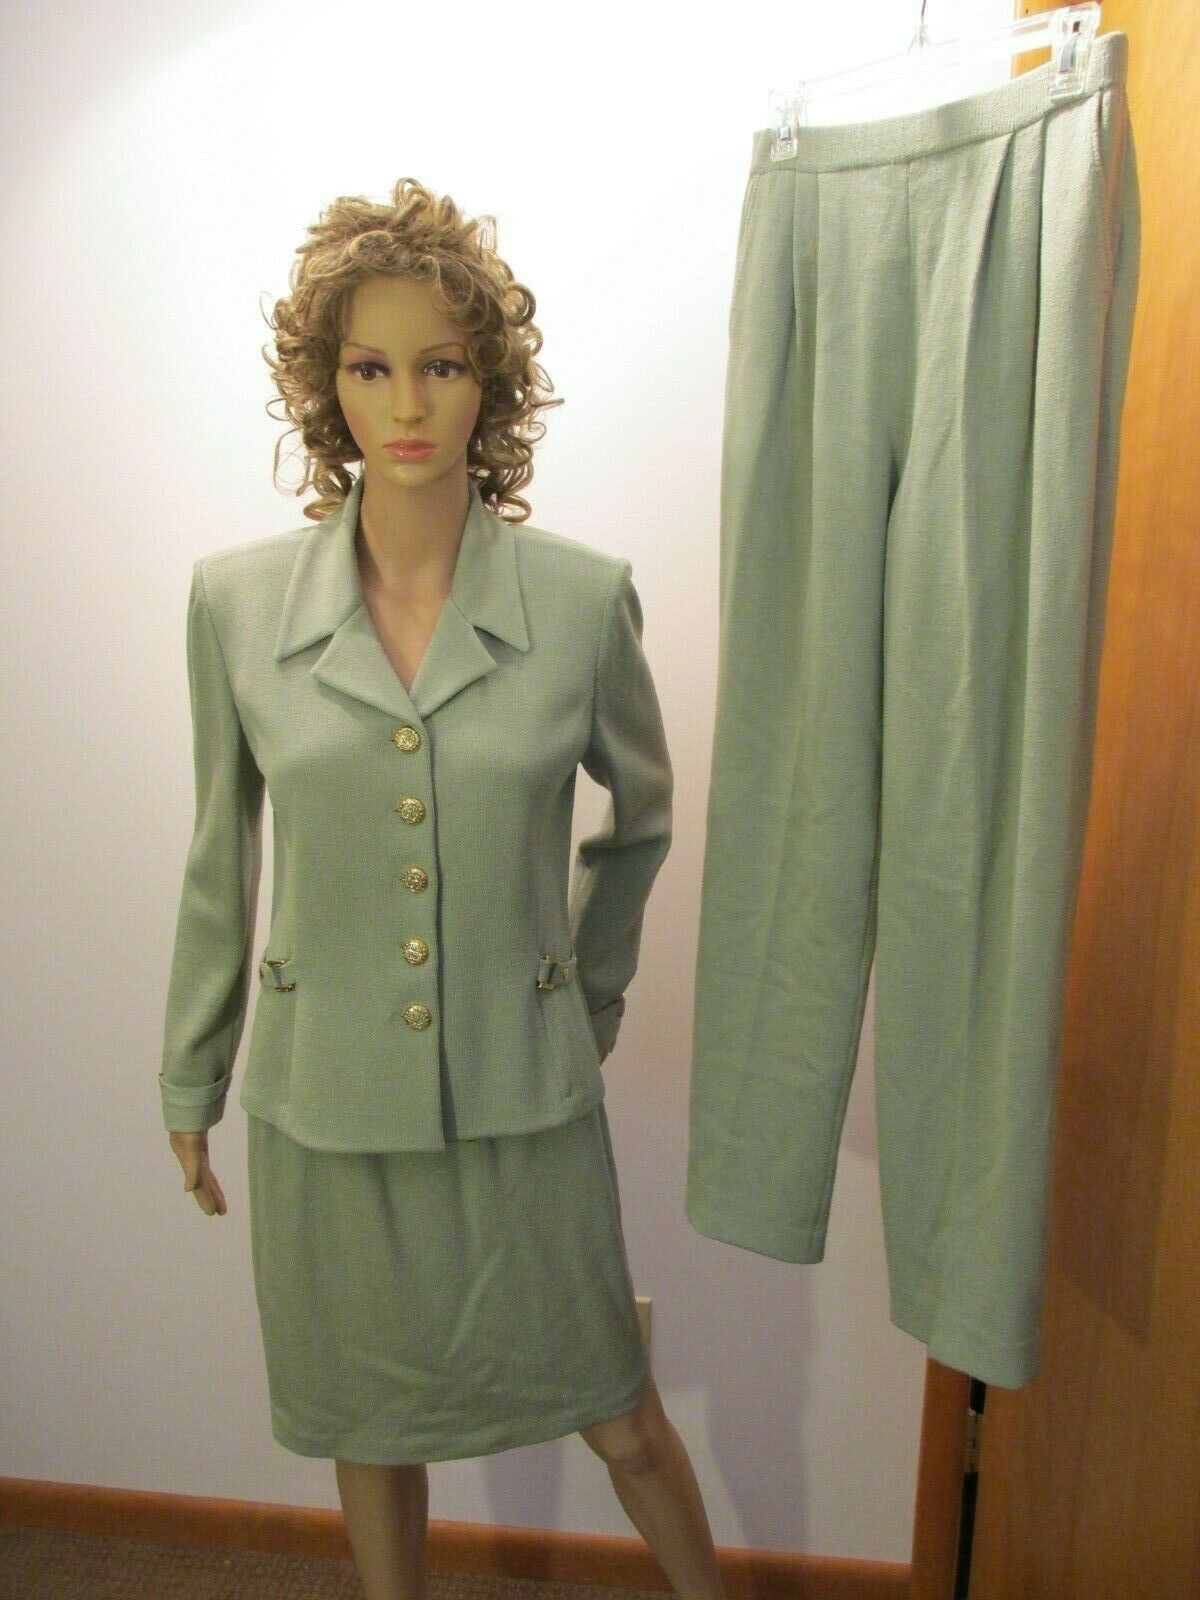 St John Collection  3 Pieza Falda traje de pantalón Conjunto Santana Knit Top 4 verde Falda 6  últimos estilos